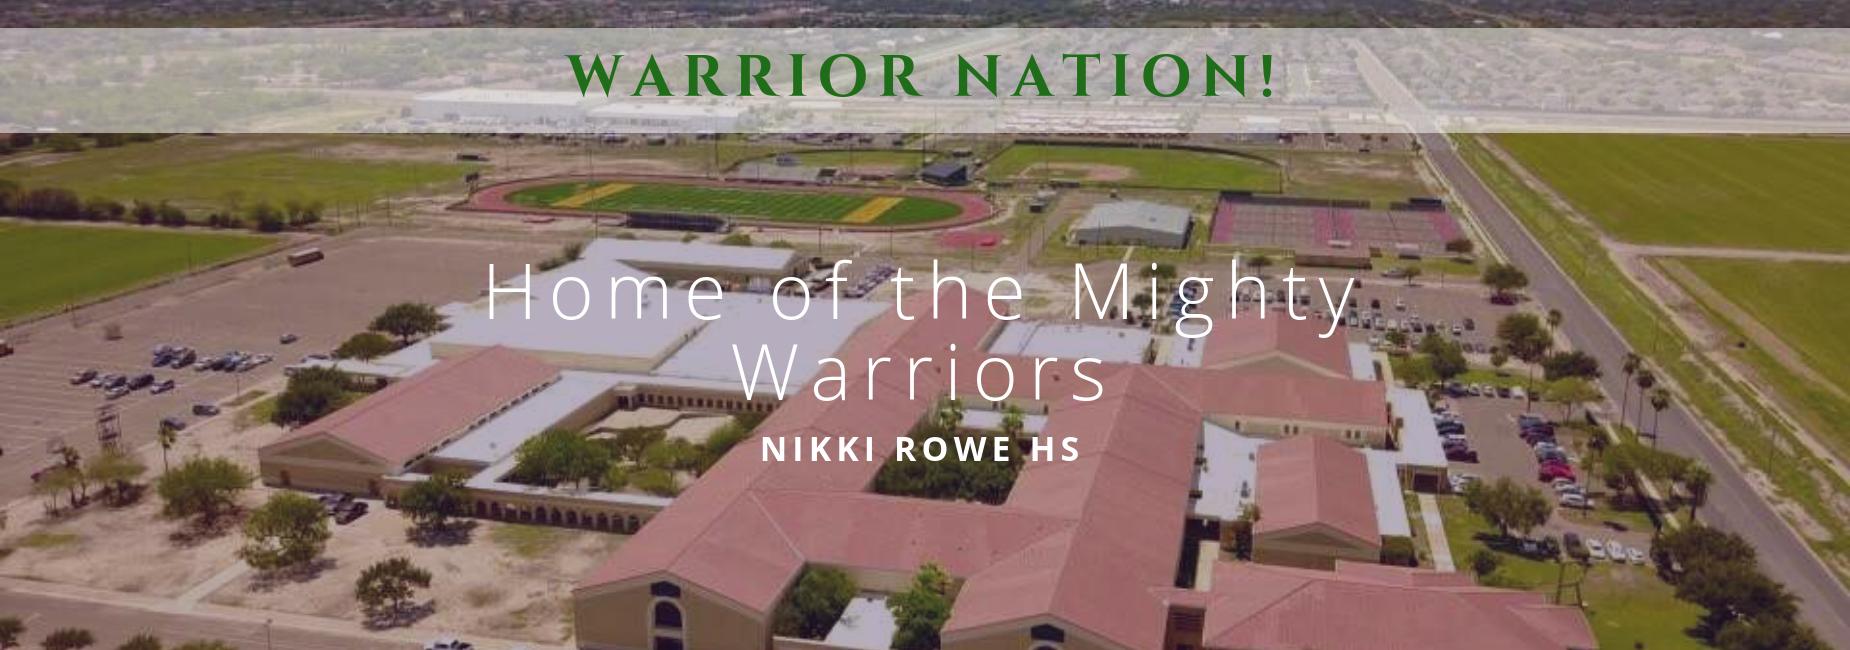 Warrior Nation!